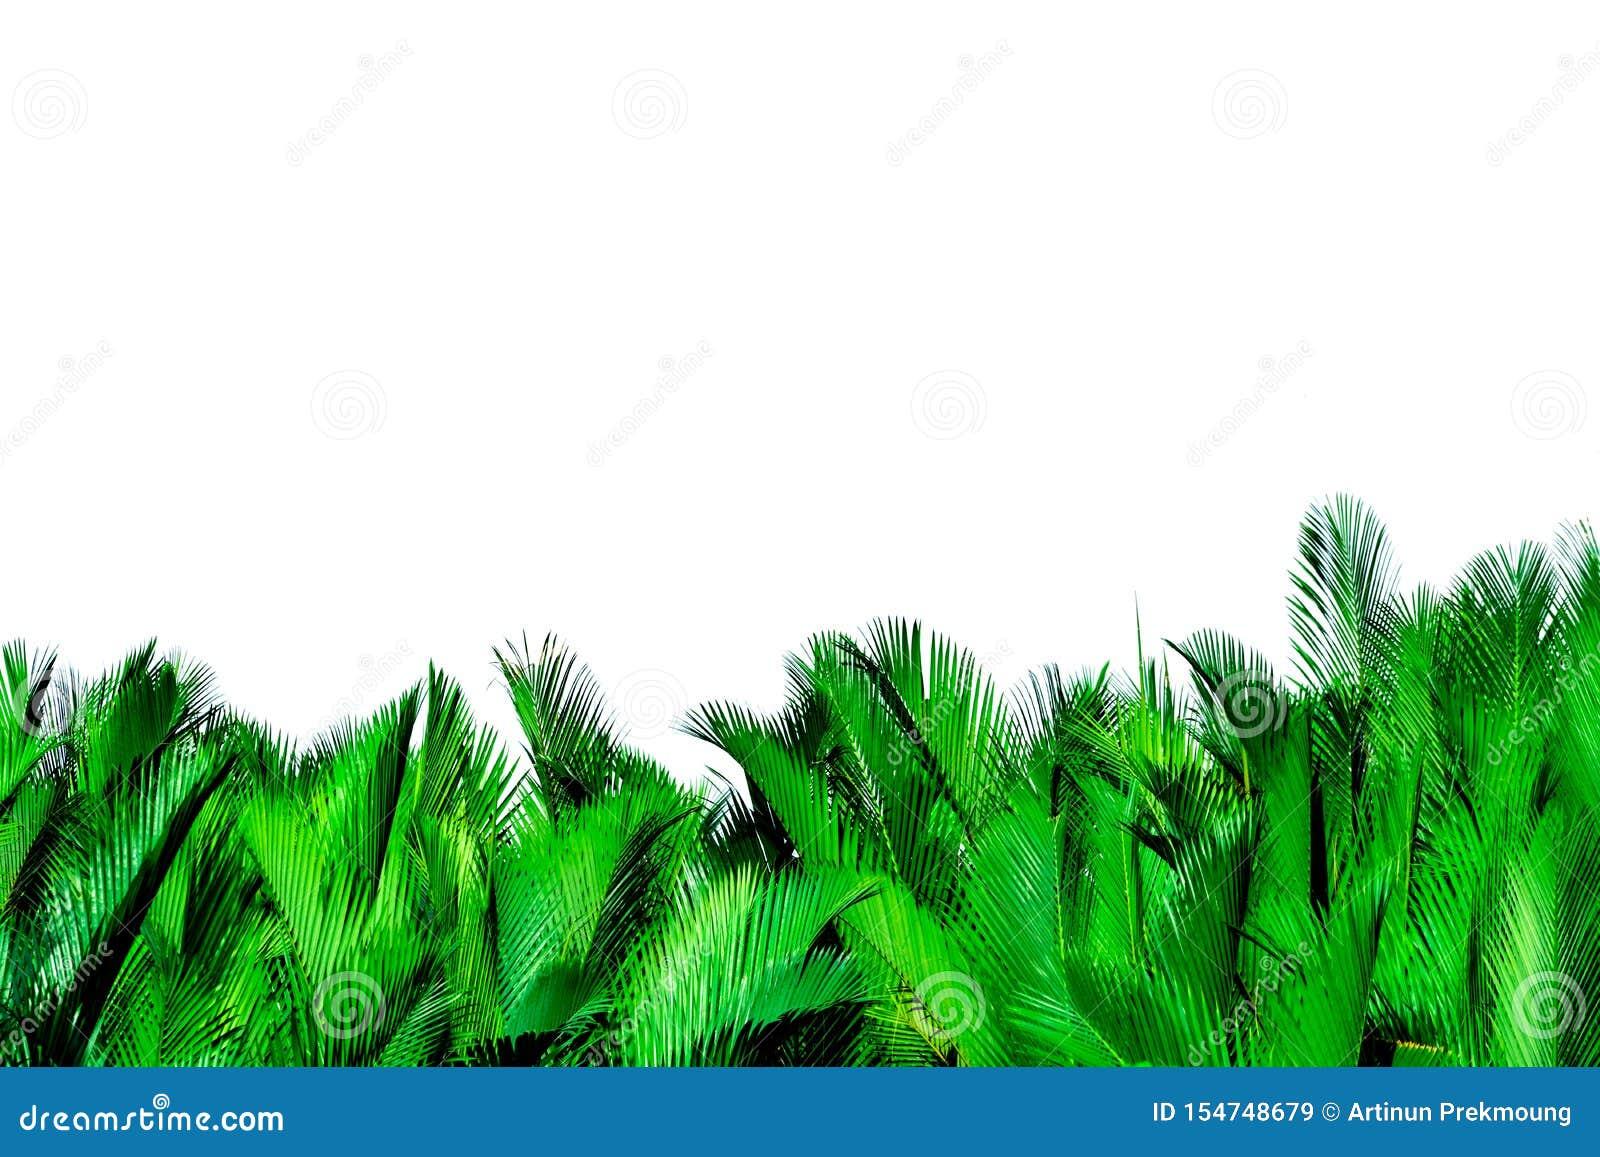 Zieleń liście odizolowywający na białym tle palma Nypa fruticans Wurmb Nypa, Atap palma, Nipa palma, Namorzynowa palma zielony li